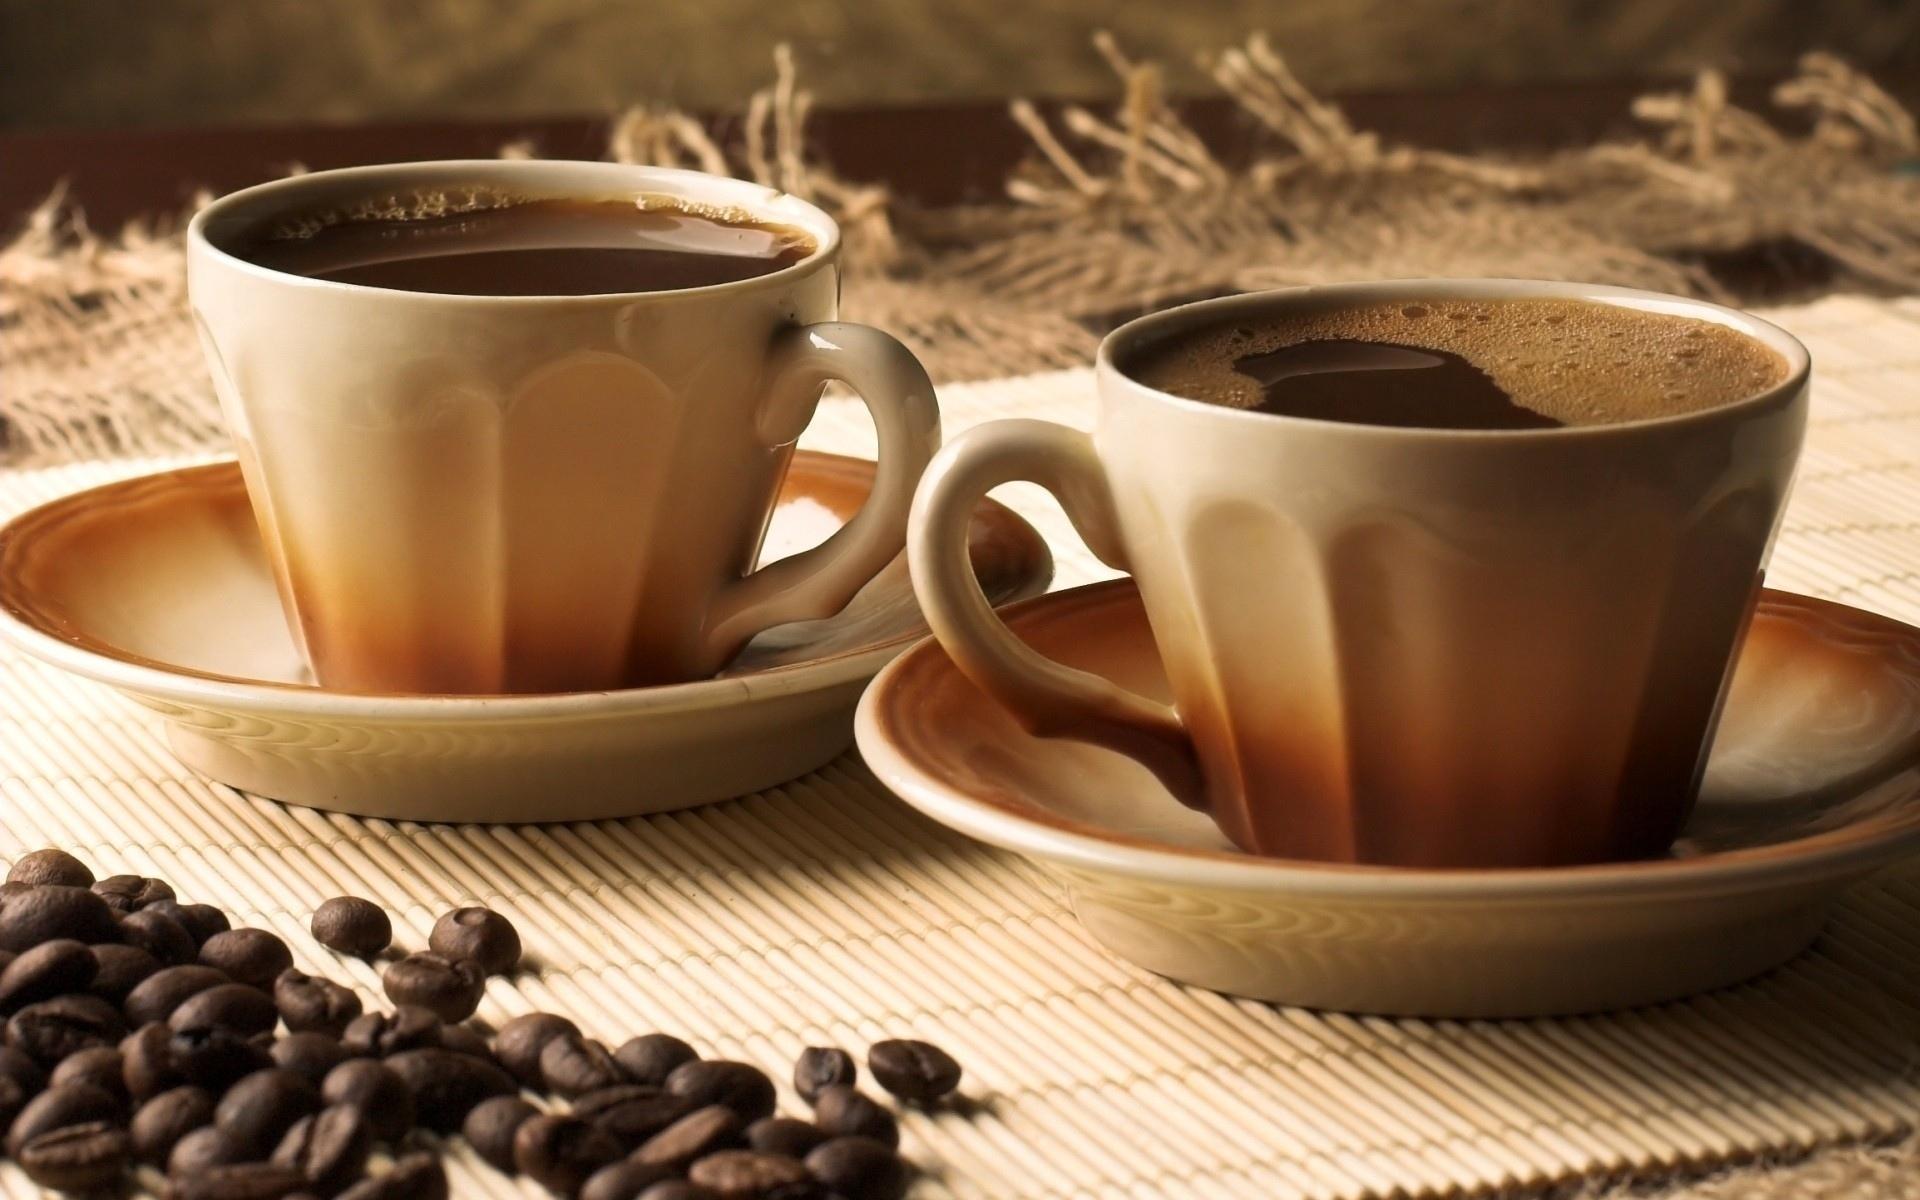 Hintergrundbilder : Getränk, Morgen, Tee, Tasse, Kaffeebohnen ...